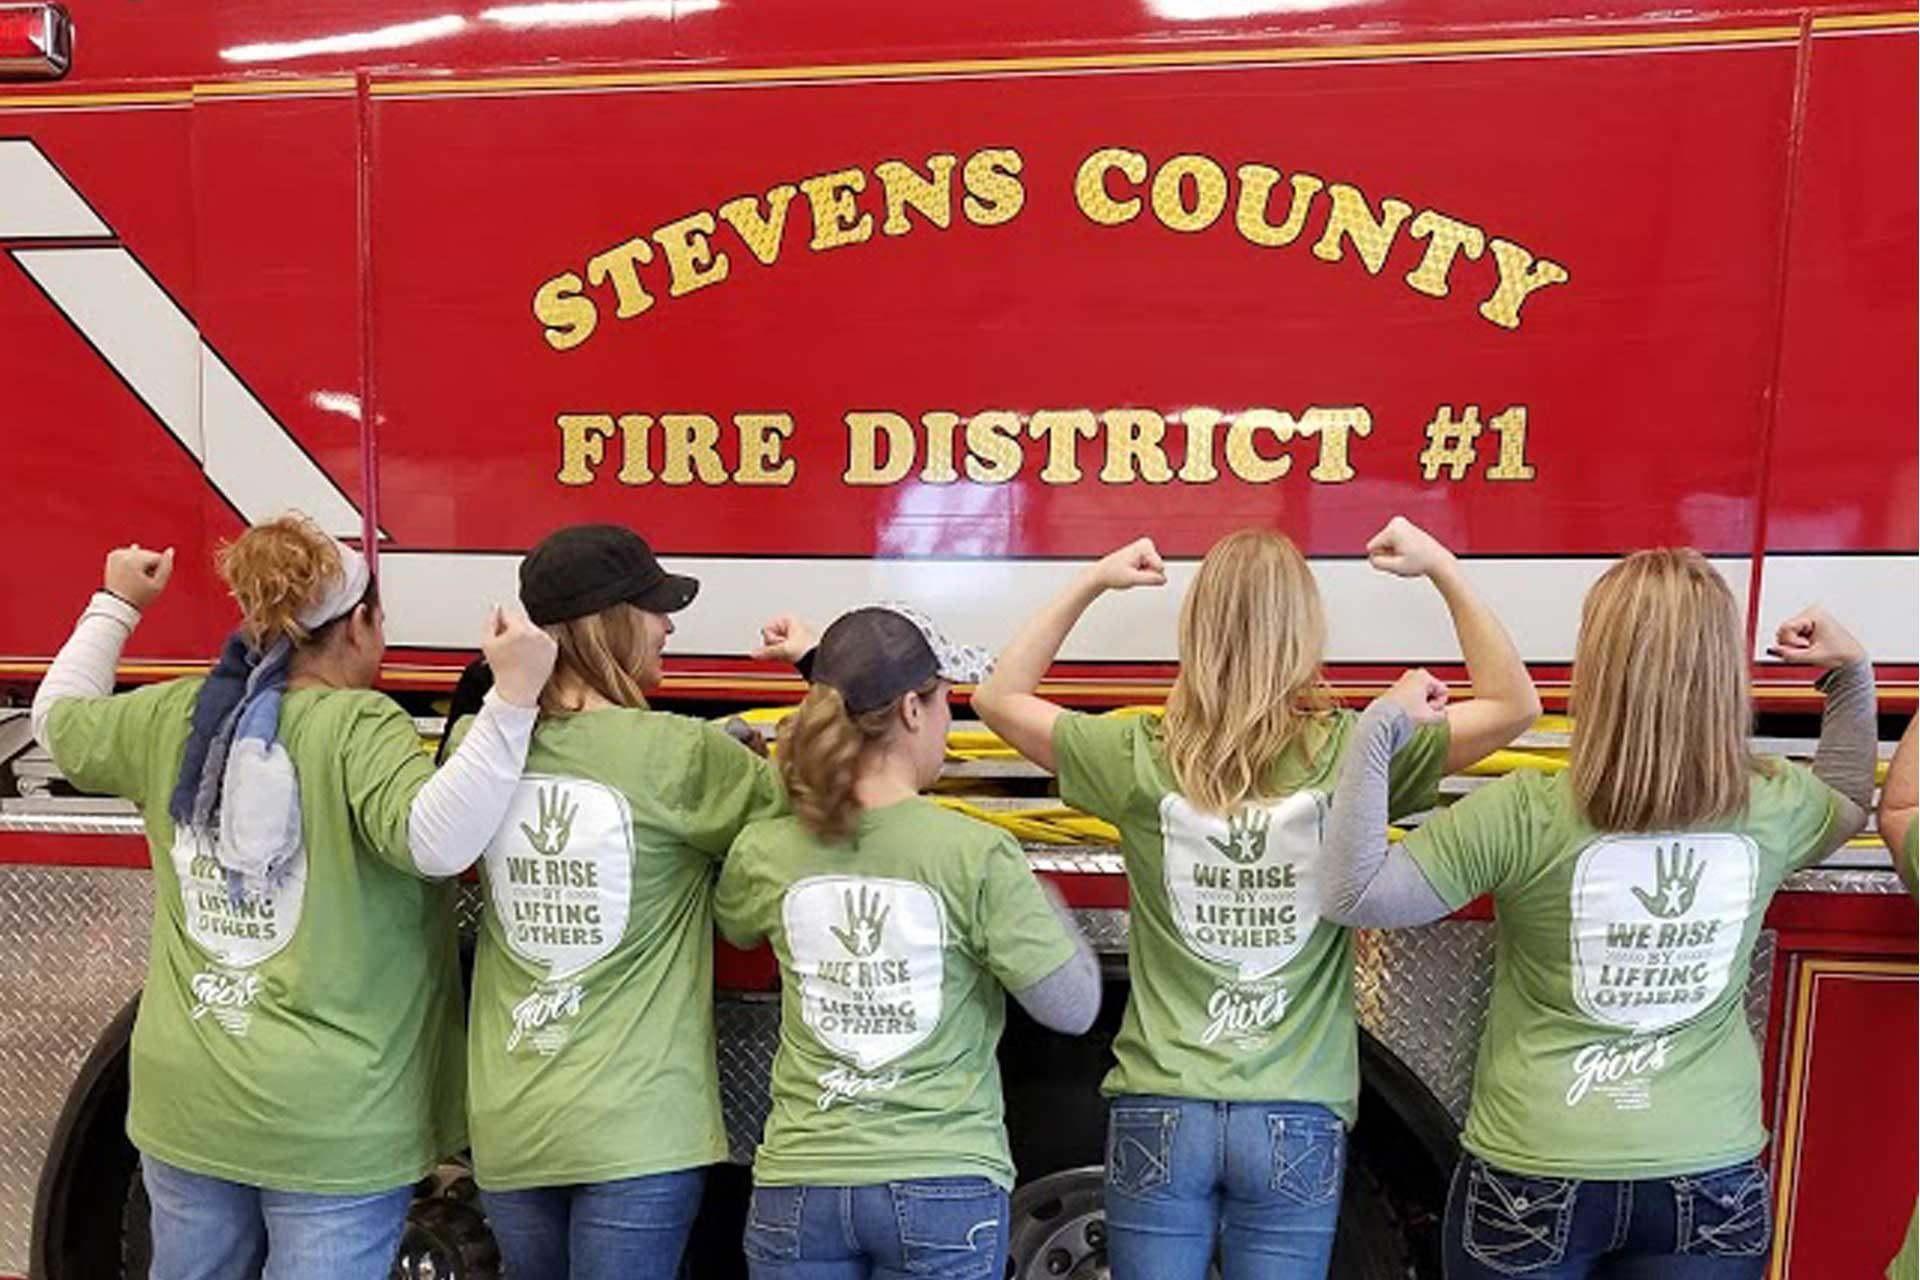 PayneWest employees volunteering